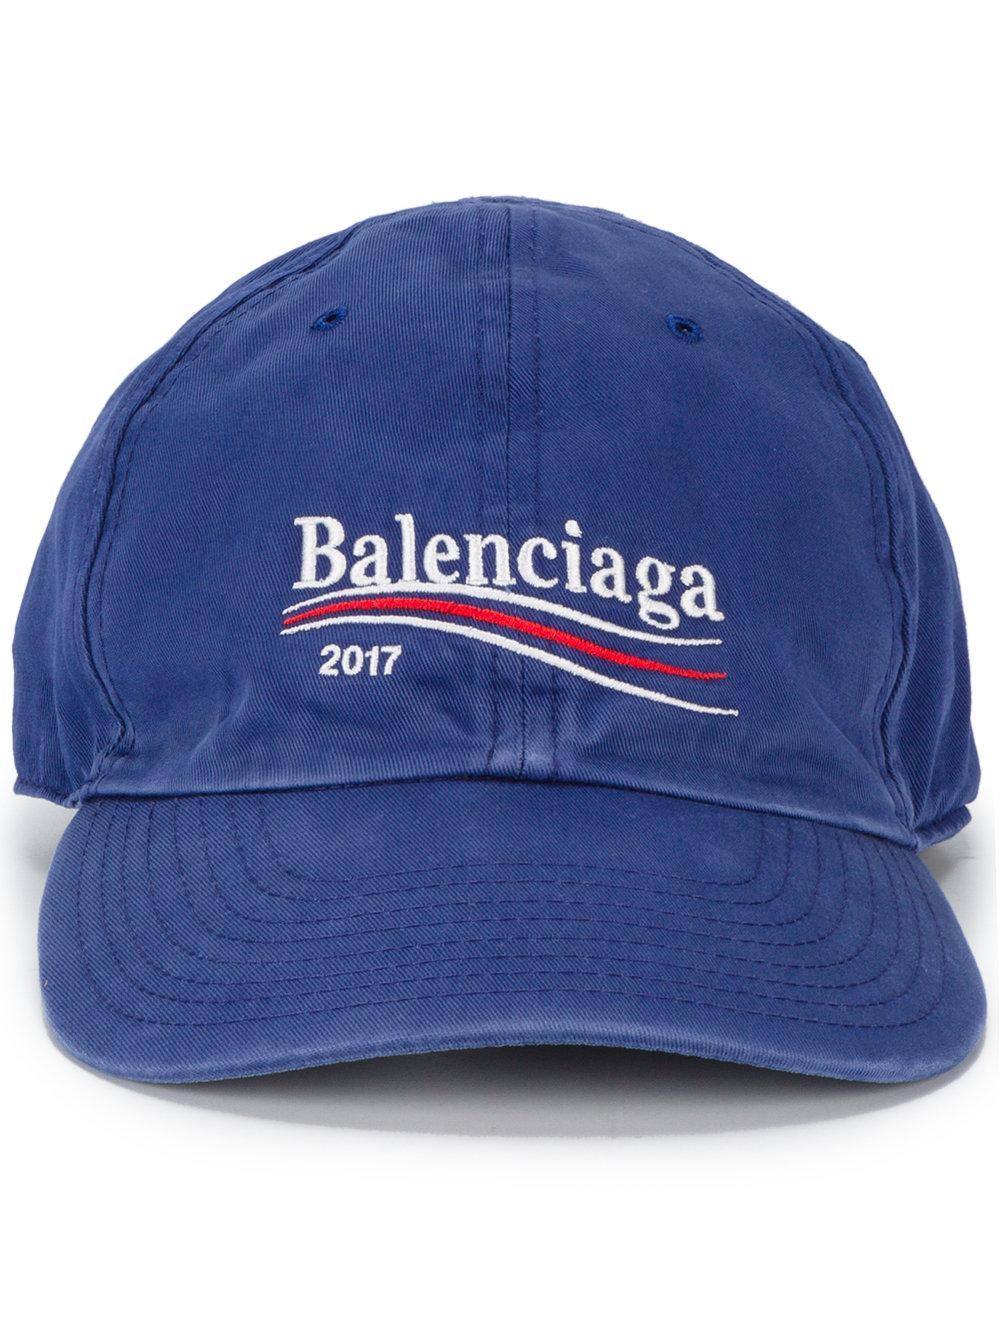 Balenciaga 2017 Logo Cap in Blue for Men